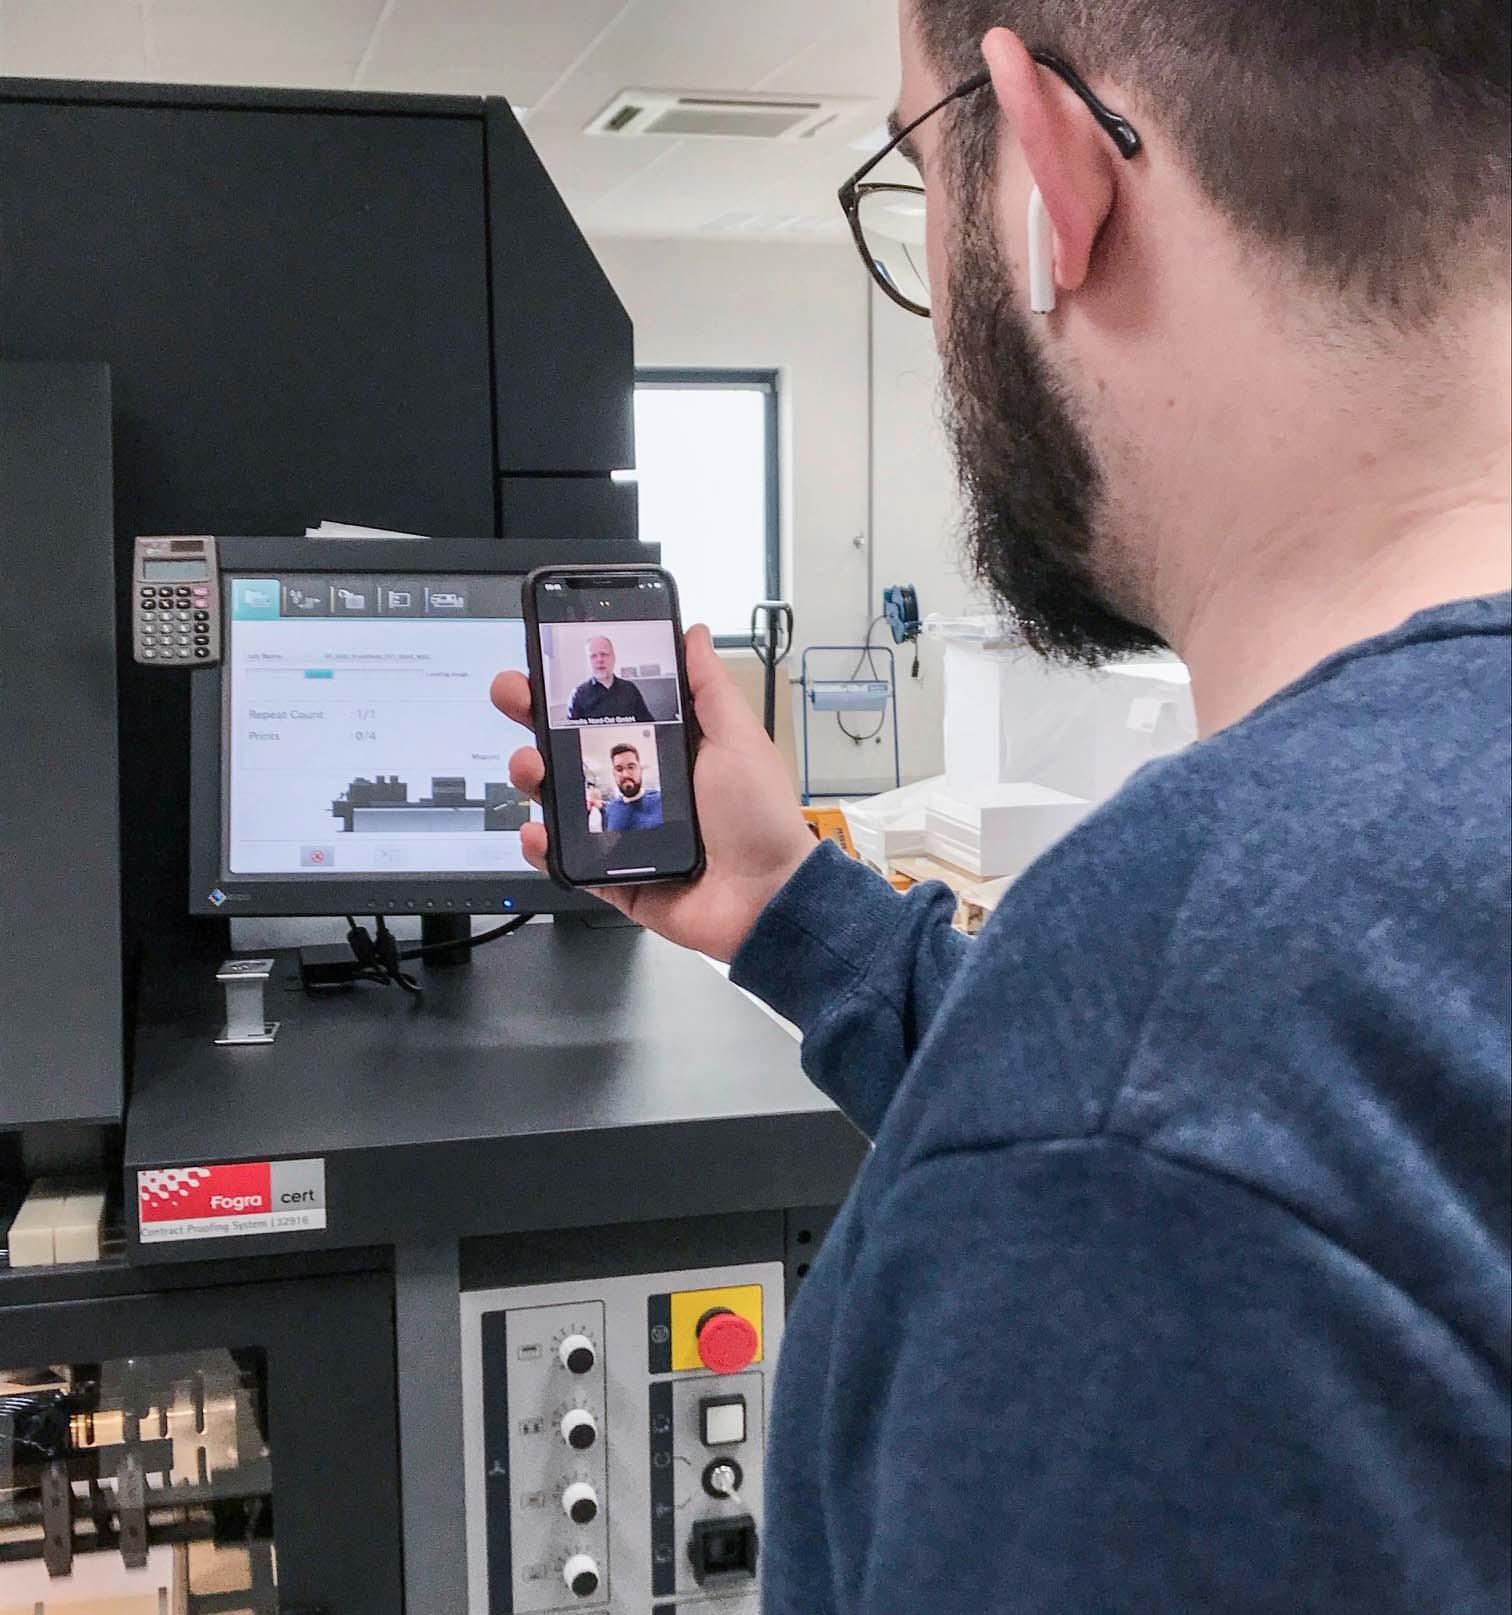 Lars Holscher von der Wegner GmbH steht beim QSD-Audit an der Druckmaschine und hält ein Smartphone in der Hand, über welches der Prüfer Udo Eickelpasch jeden Schritt mitverfolgen kann